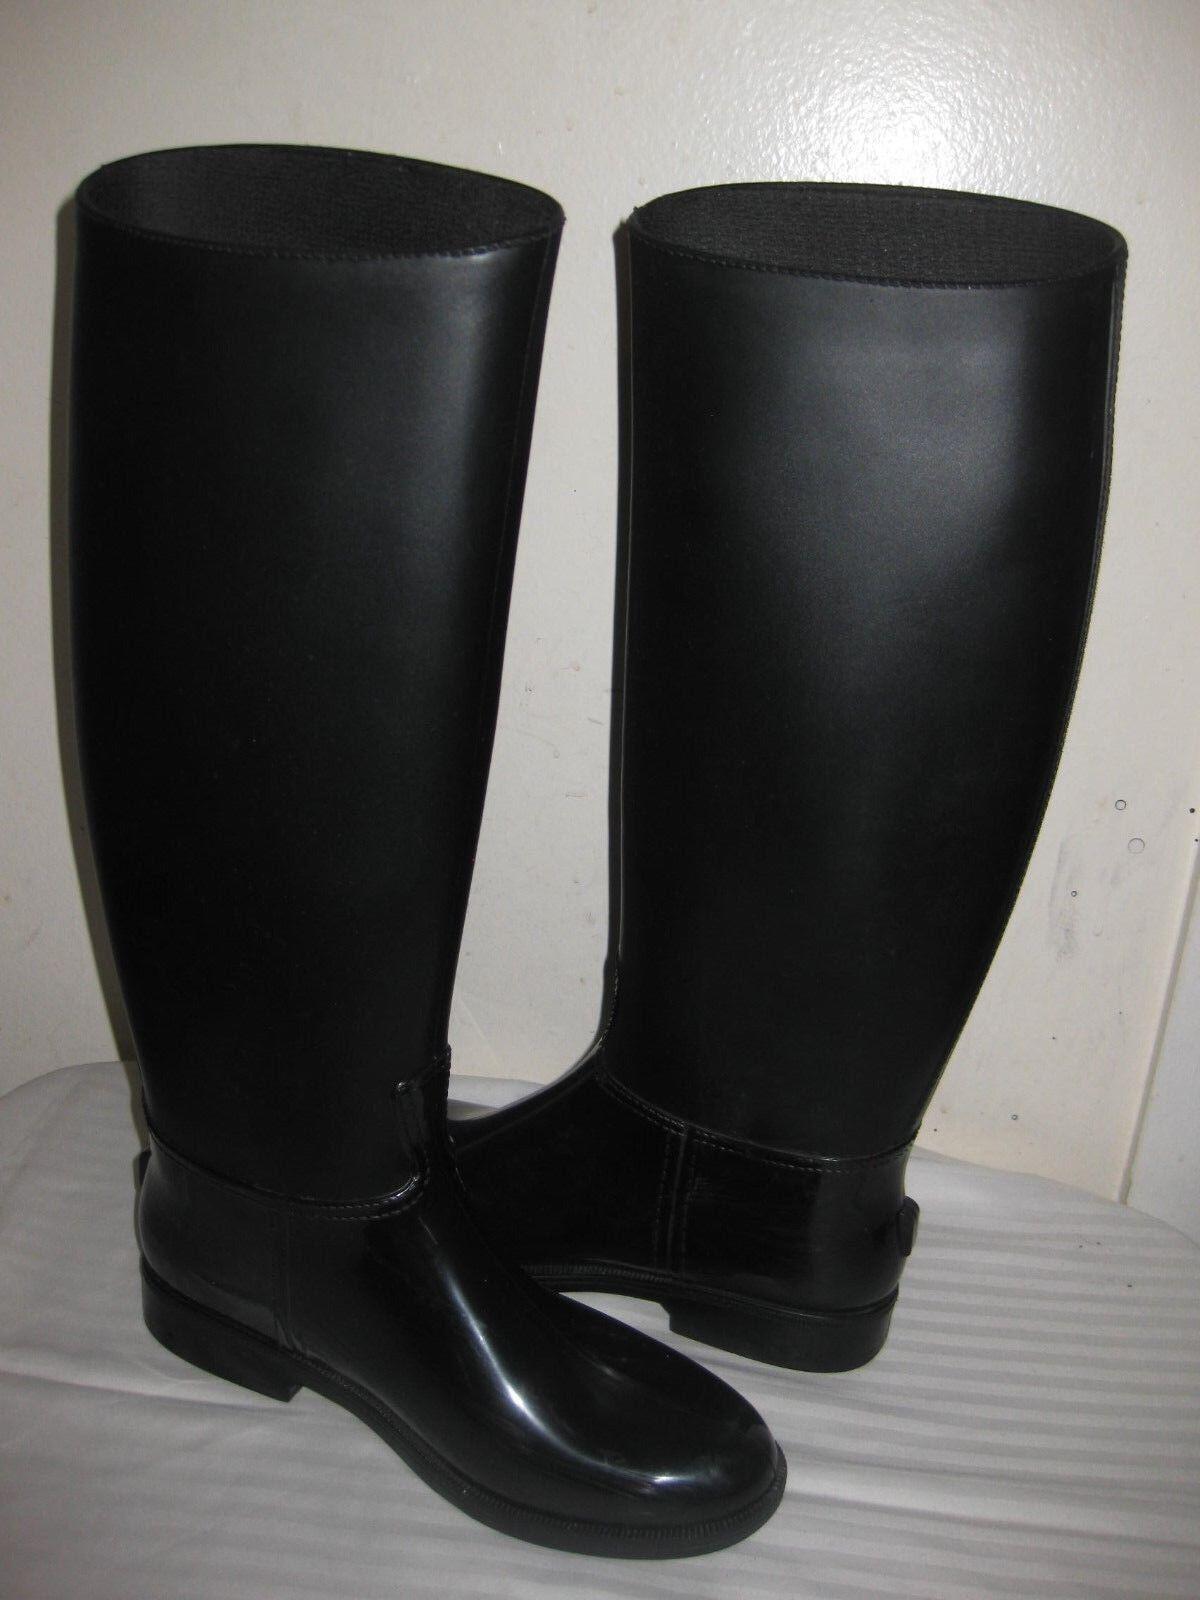 Auténticos Emporio botas De Lluvia De Goma Negra Emporio Auténticos Armani Talla 38 7.5 - 8 Hecho en Italia 914f2a